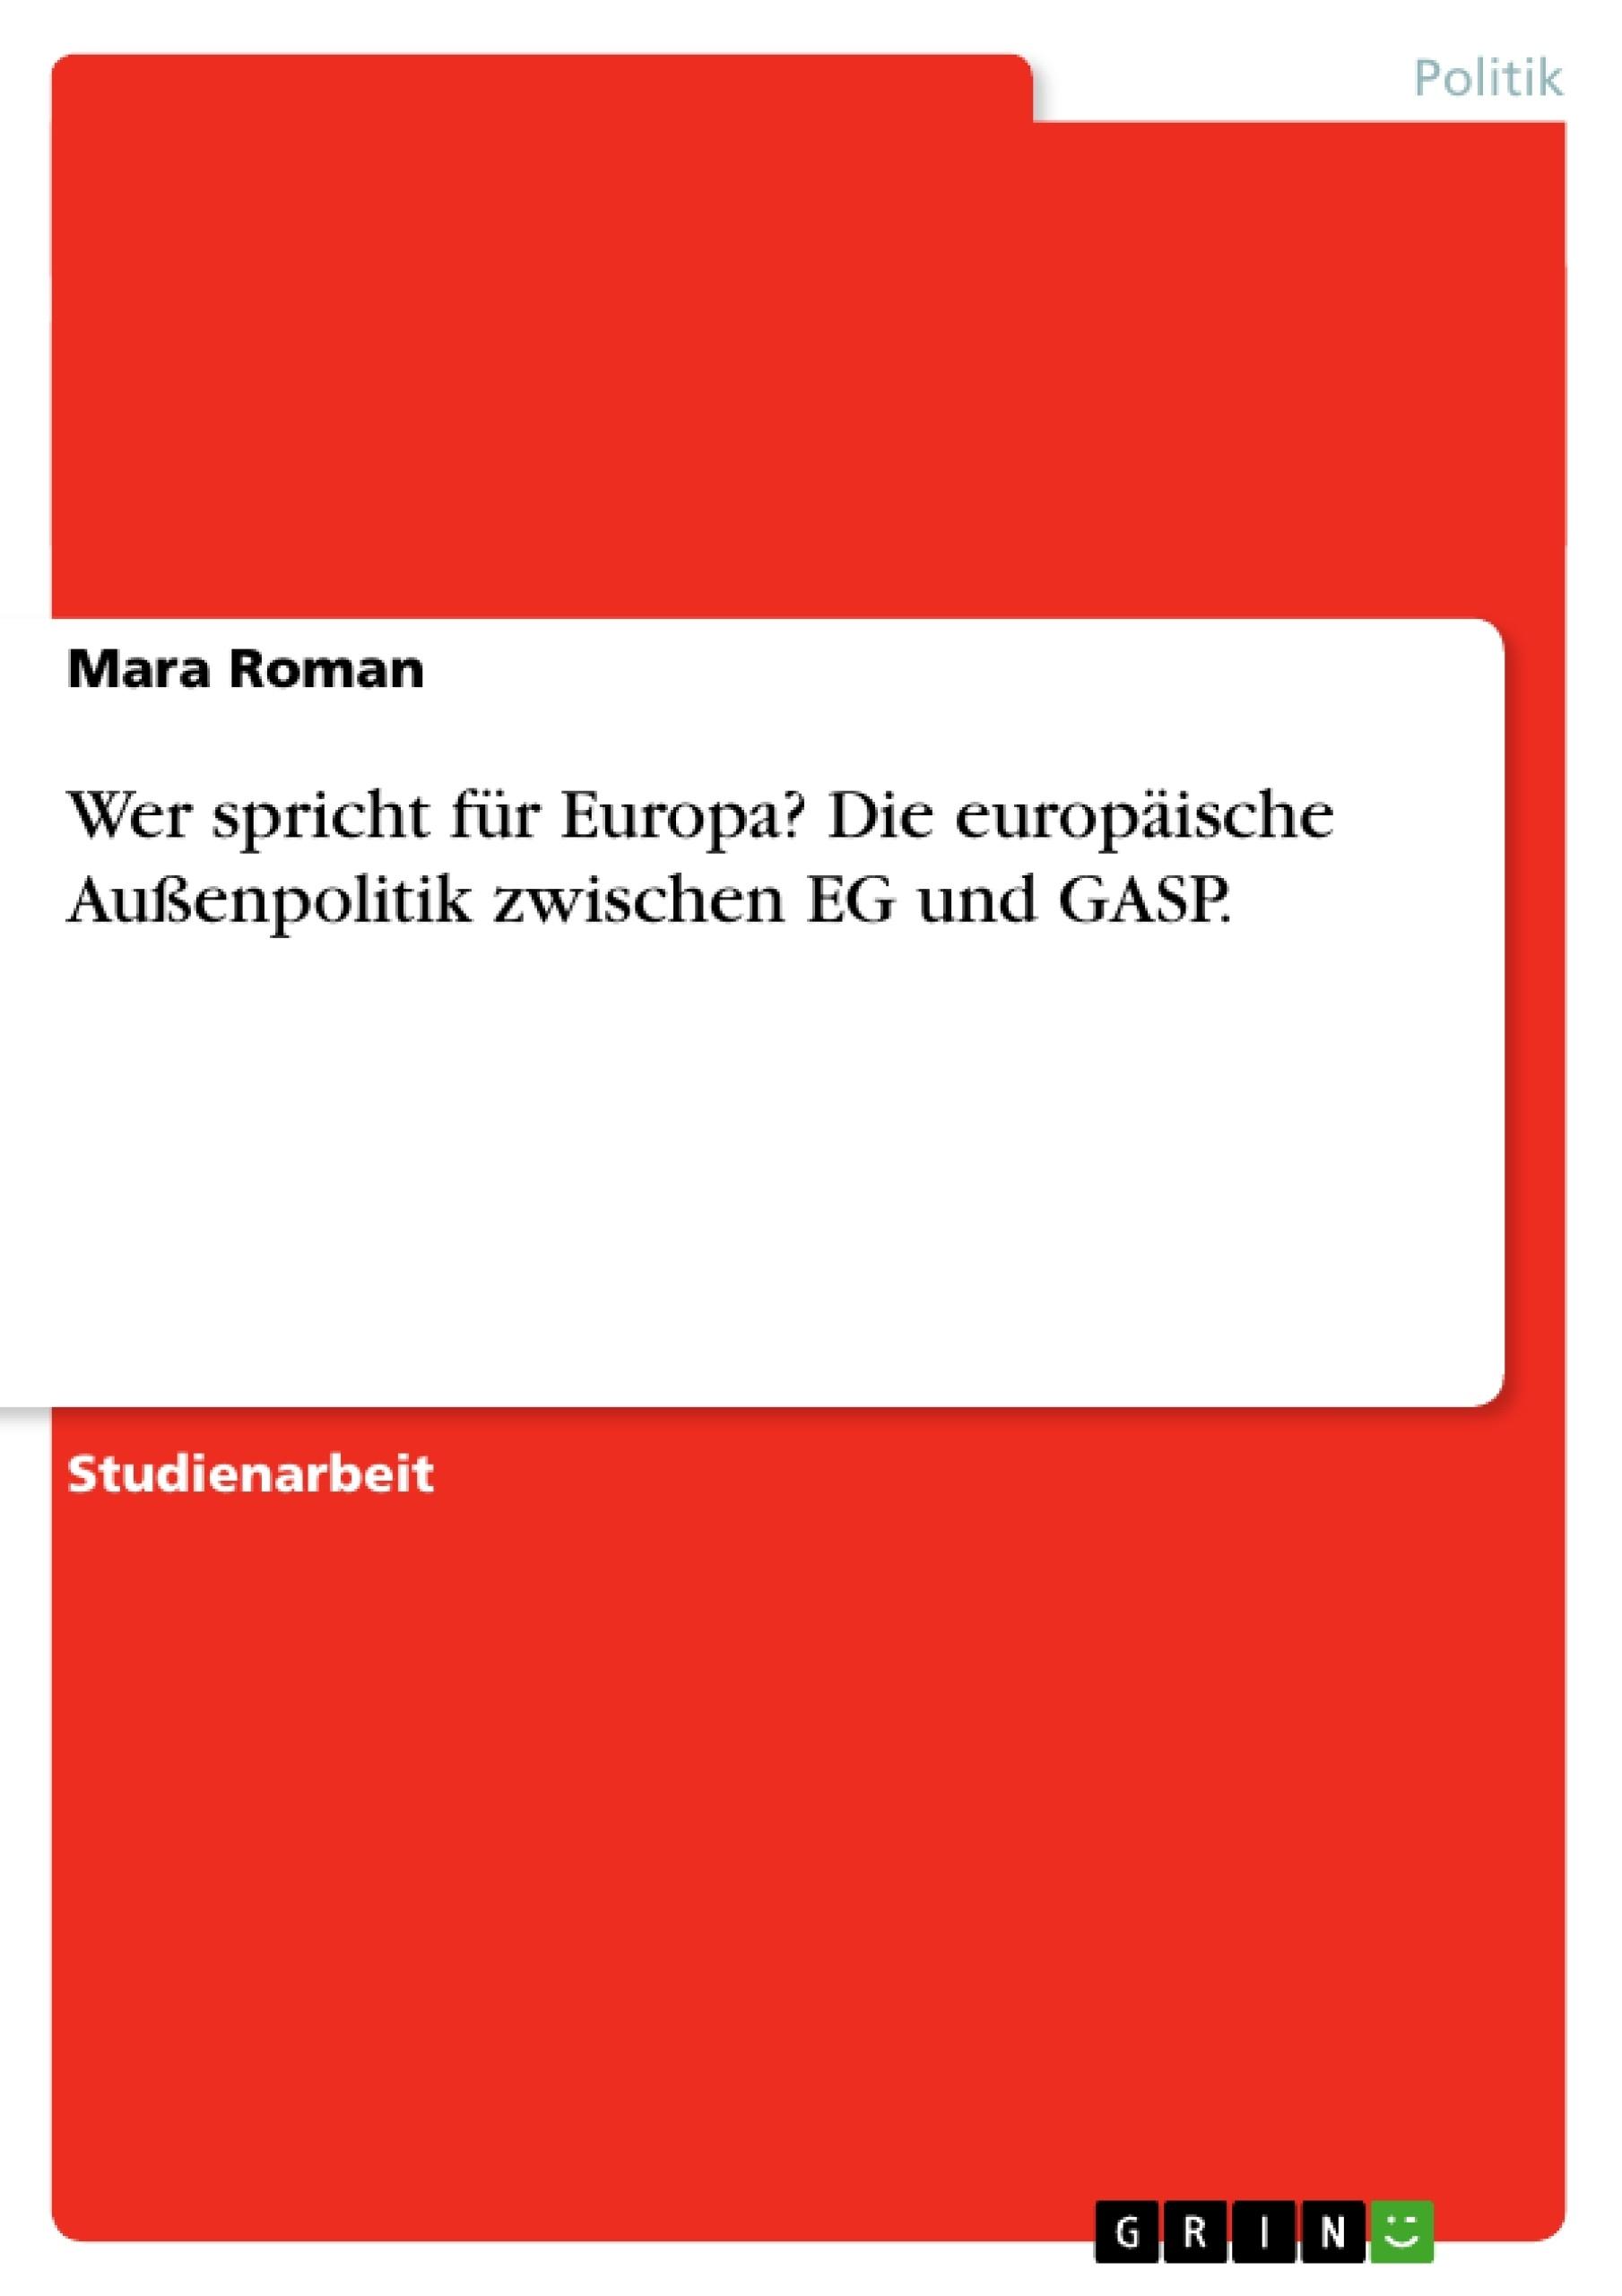 Titel: Wer spricht für Europa? Die europäische Außenpolitik zwischen EG und GASP.